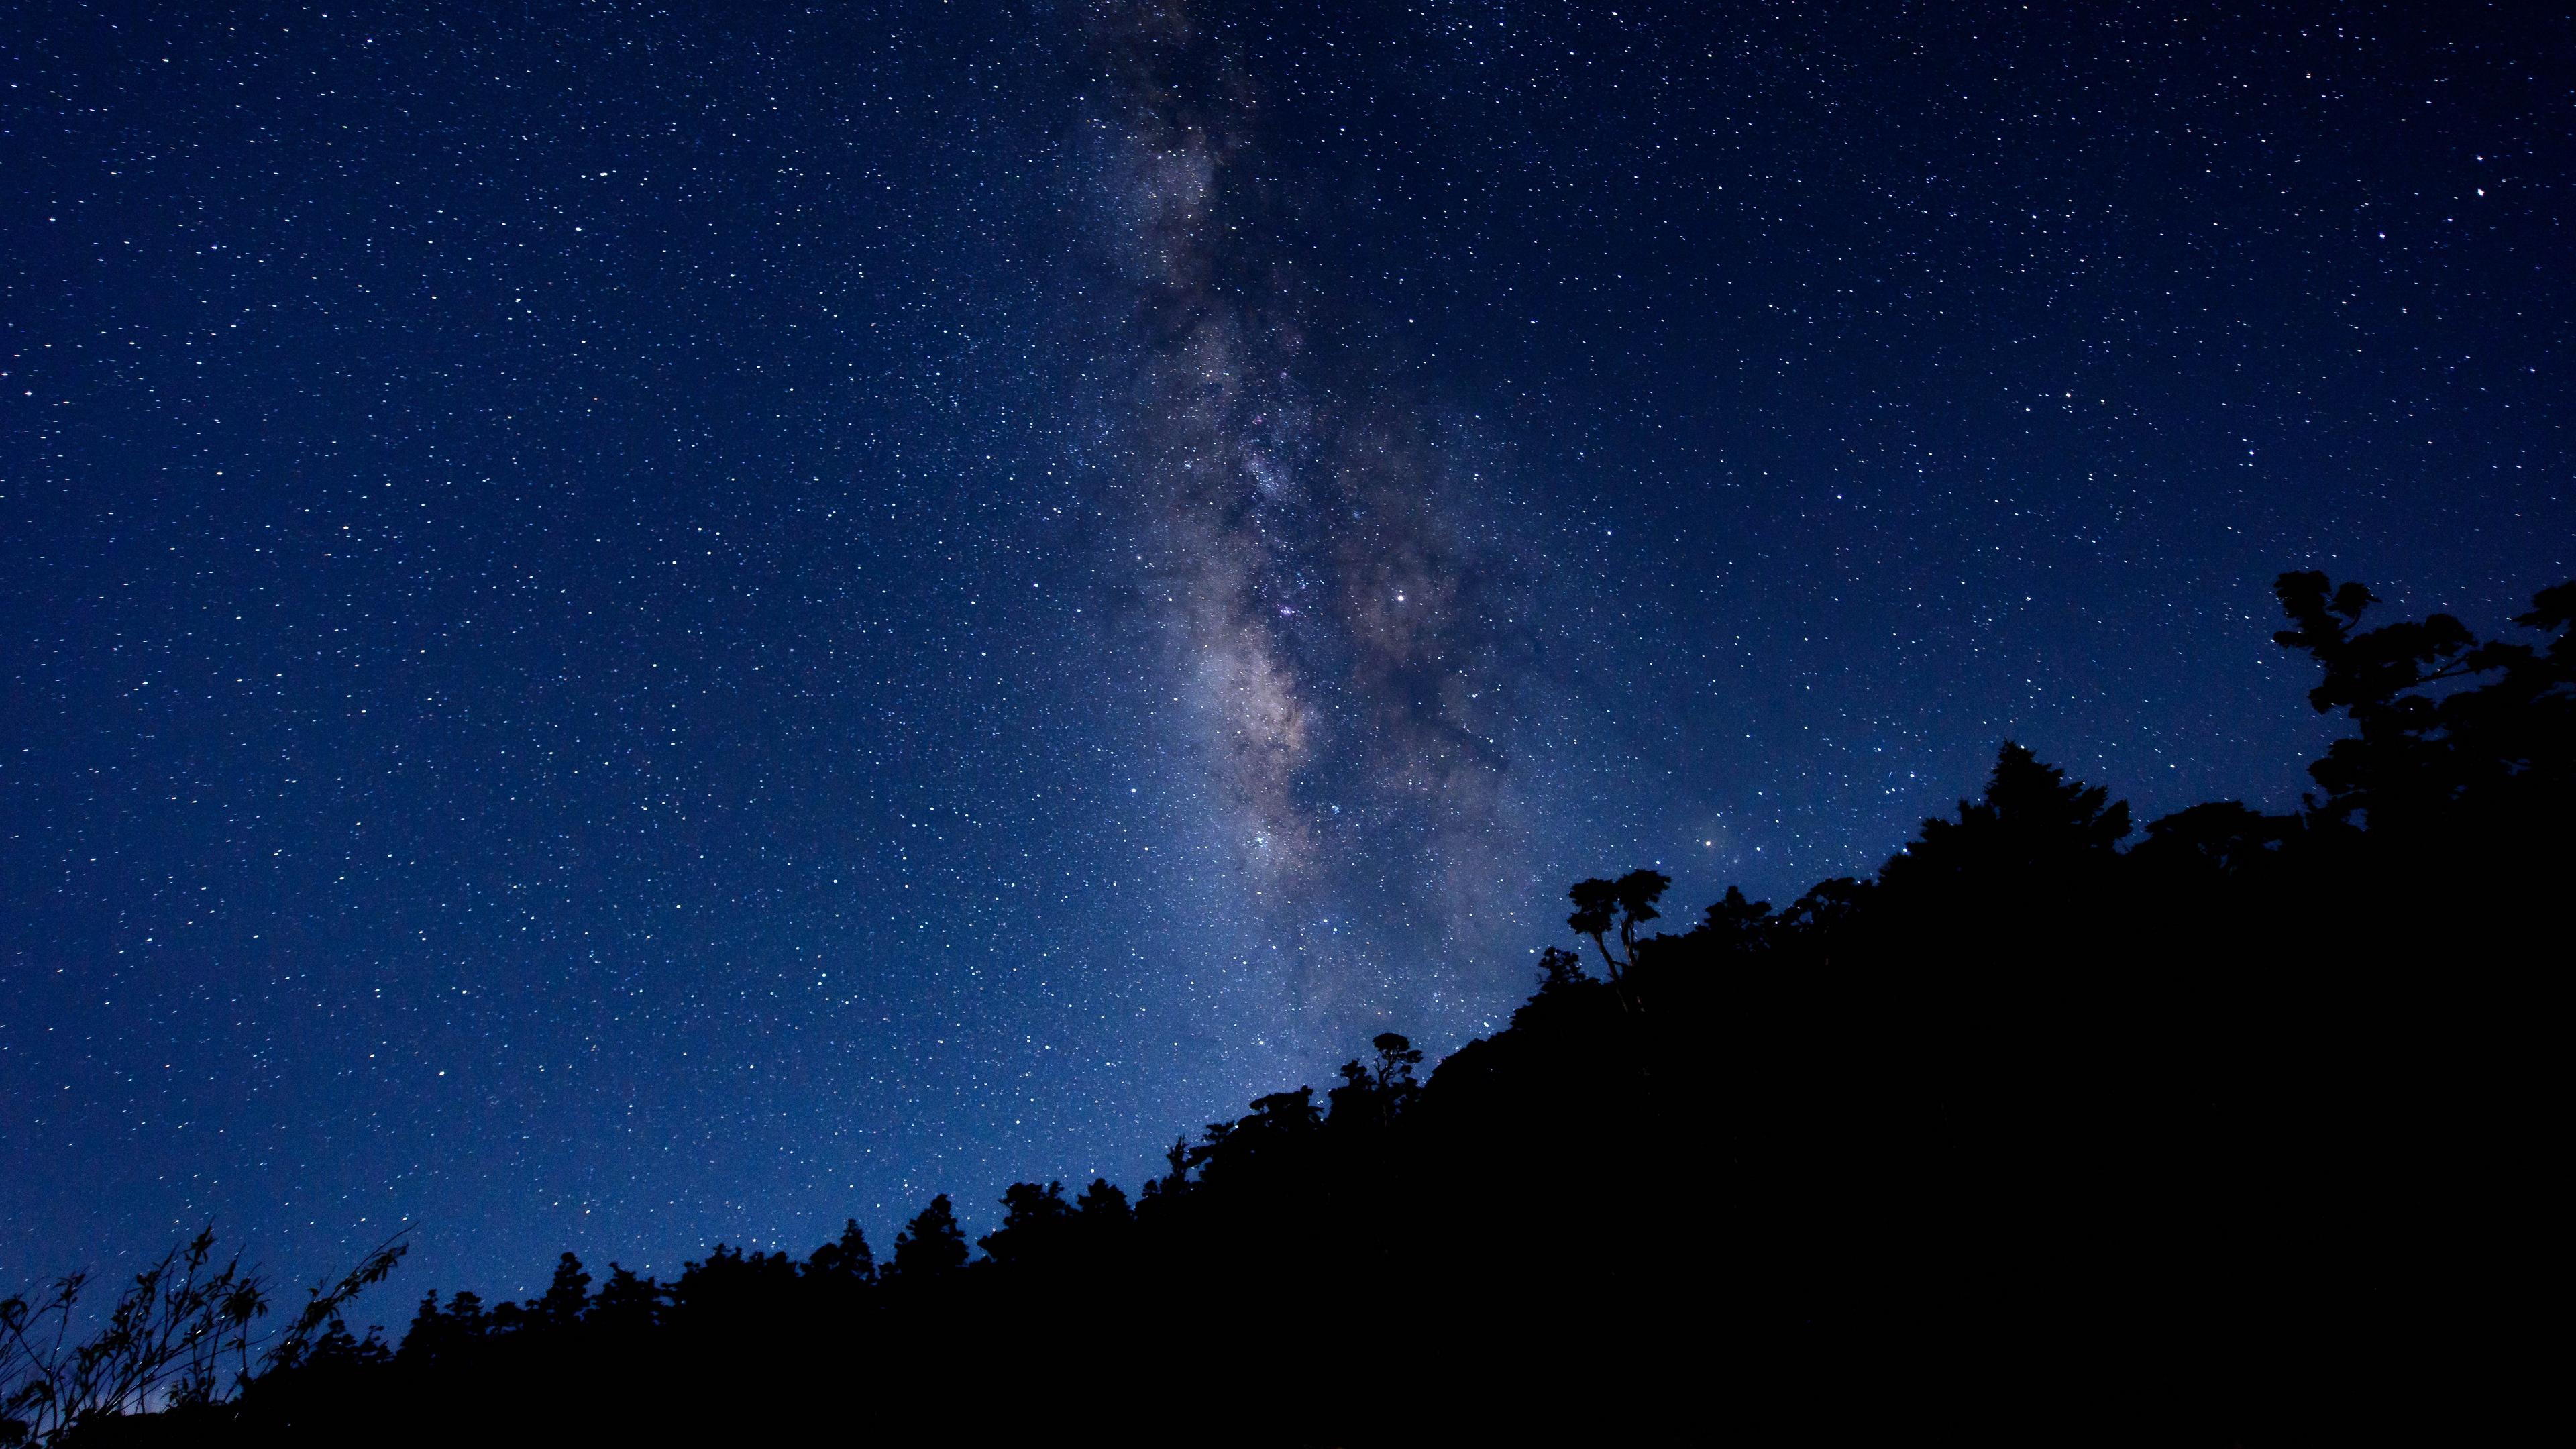 milky way starry sky trees 4k 1541116804 - milky way, starry sky, trees 4k - Trees, starry sky, milky way